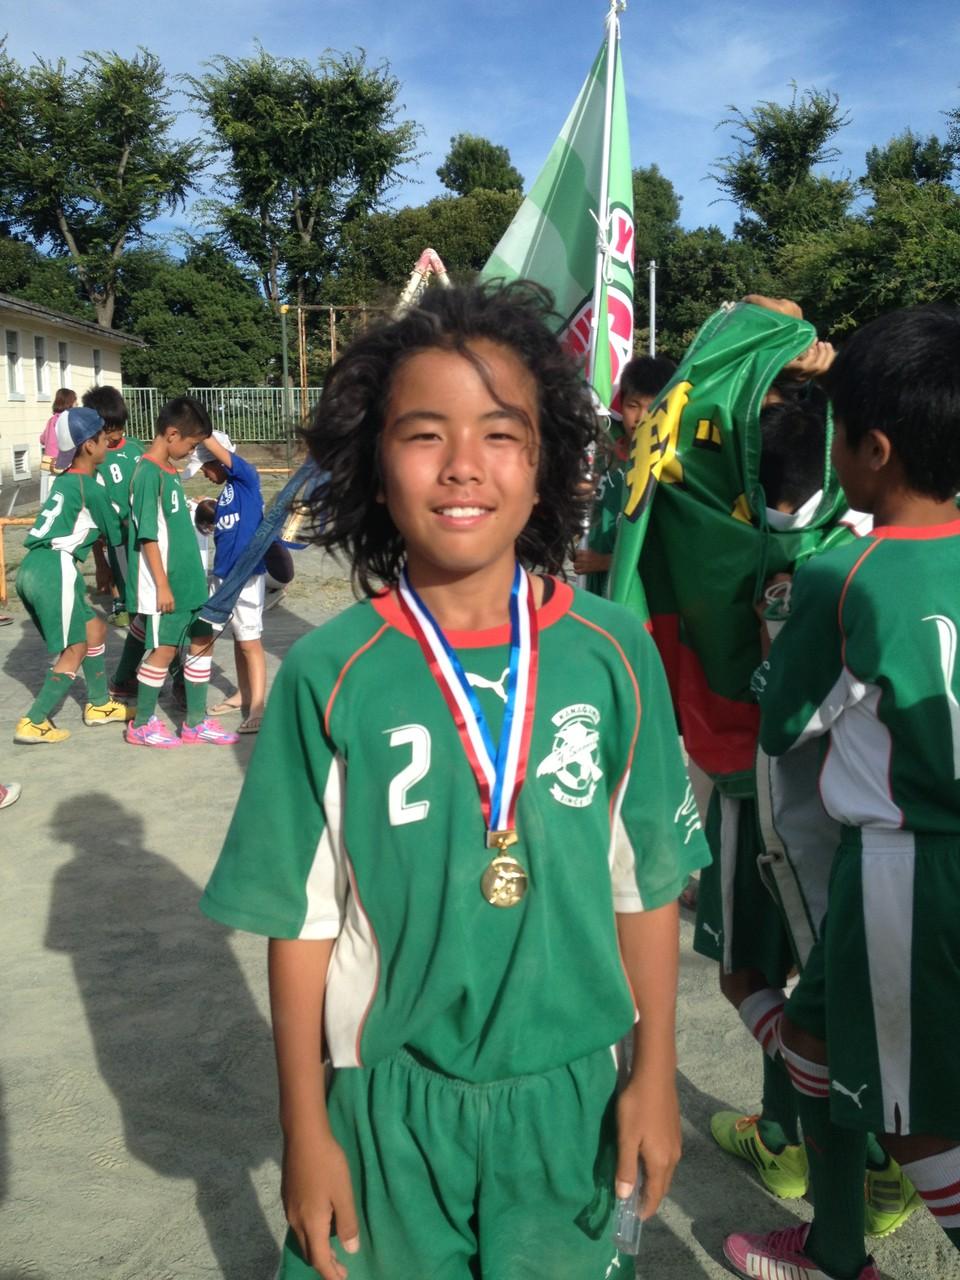 シーガルズ杯 U-12(6年生) 優秀選手賞